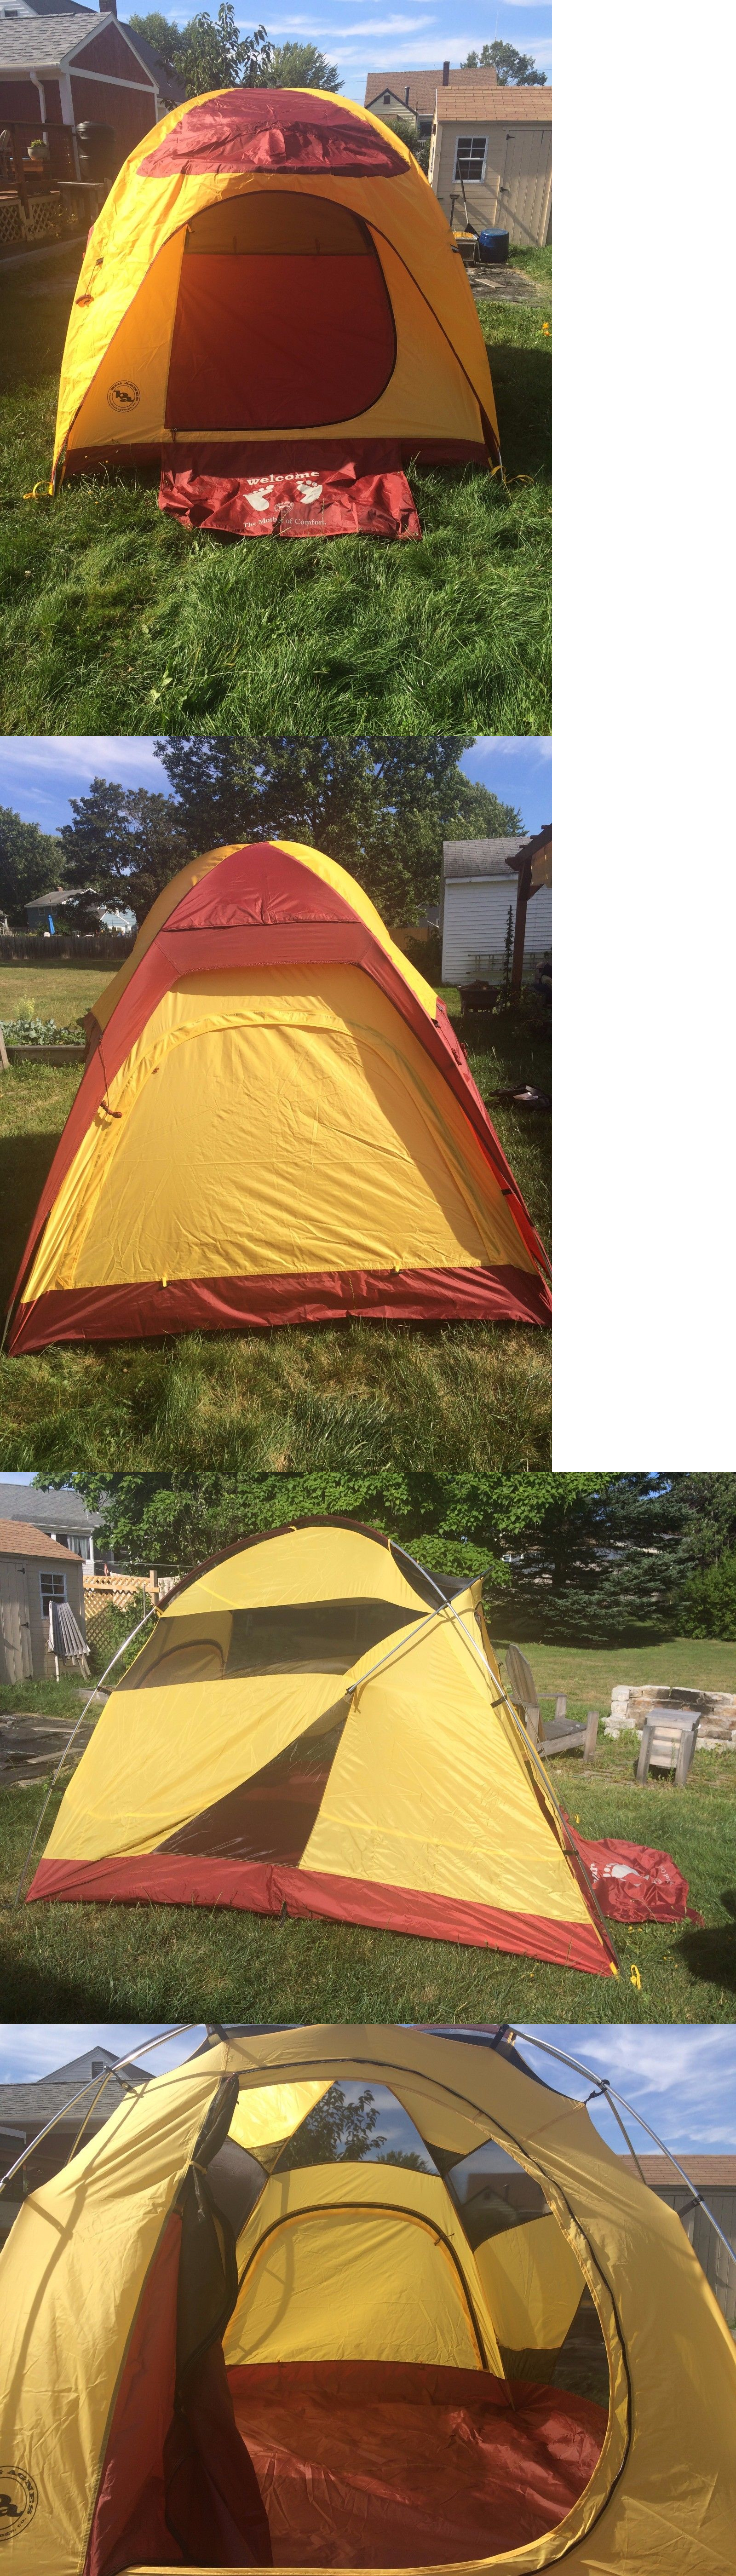 Tent and Canopy Accessories 36120 Big Agnes Big House 4 Person Tent -u003e BUY & Tent and Canopy Accessories 36120: Big Agnes Big House 4 Person ...